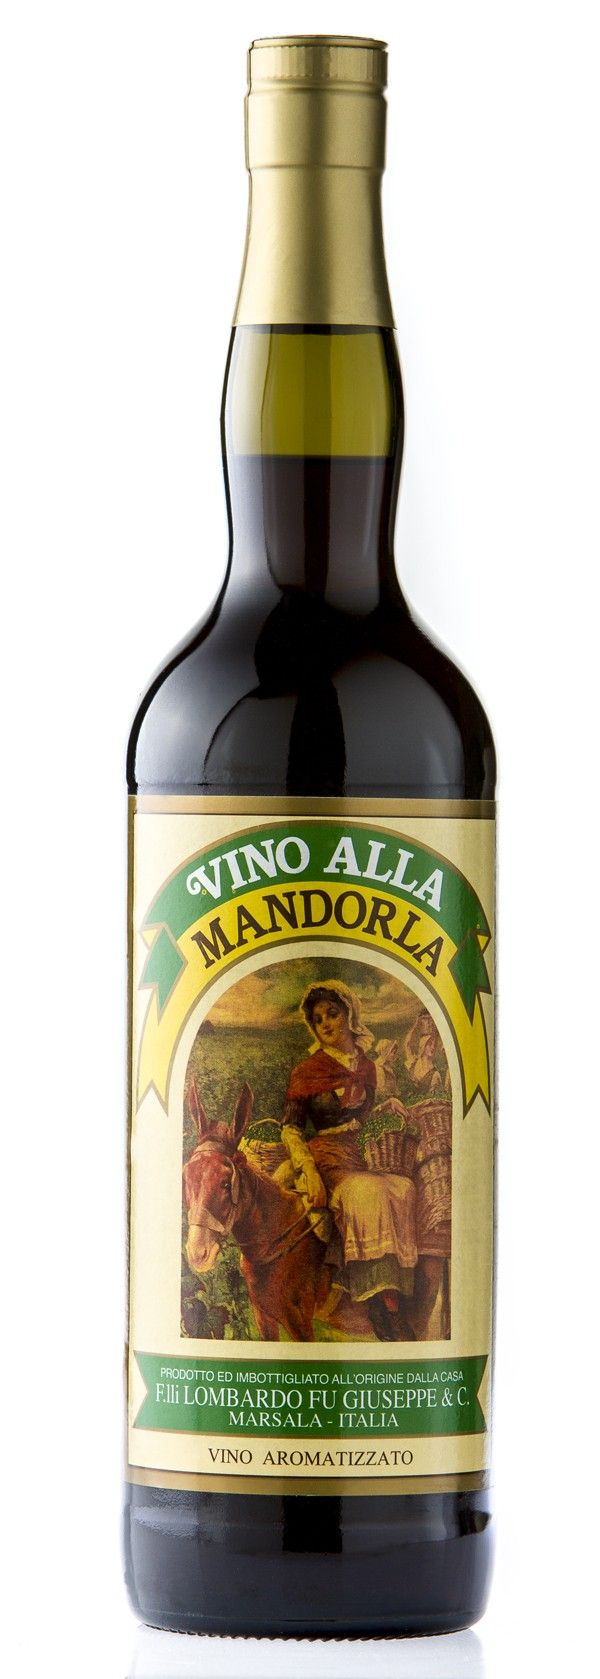 Vino alla Mandorla, made with almonds.